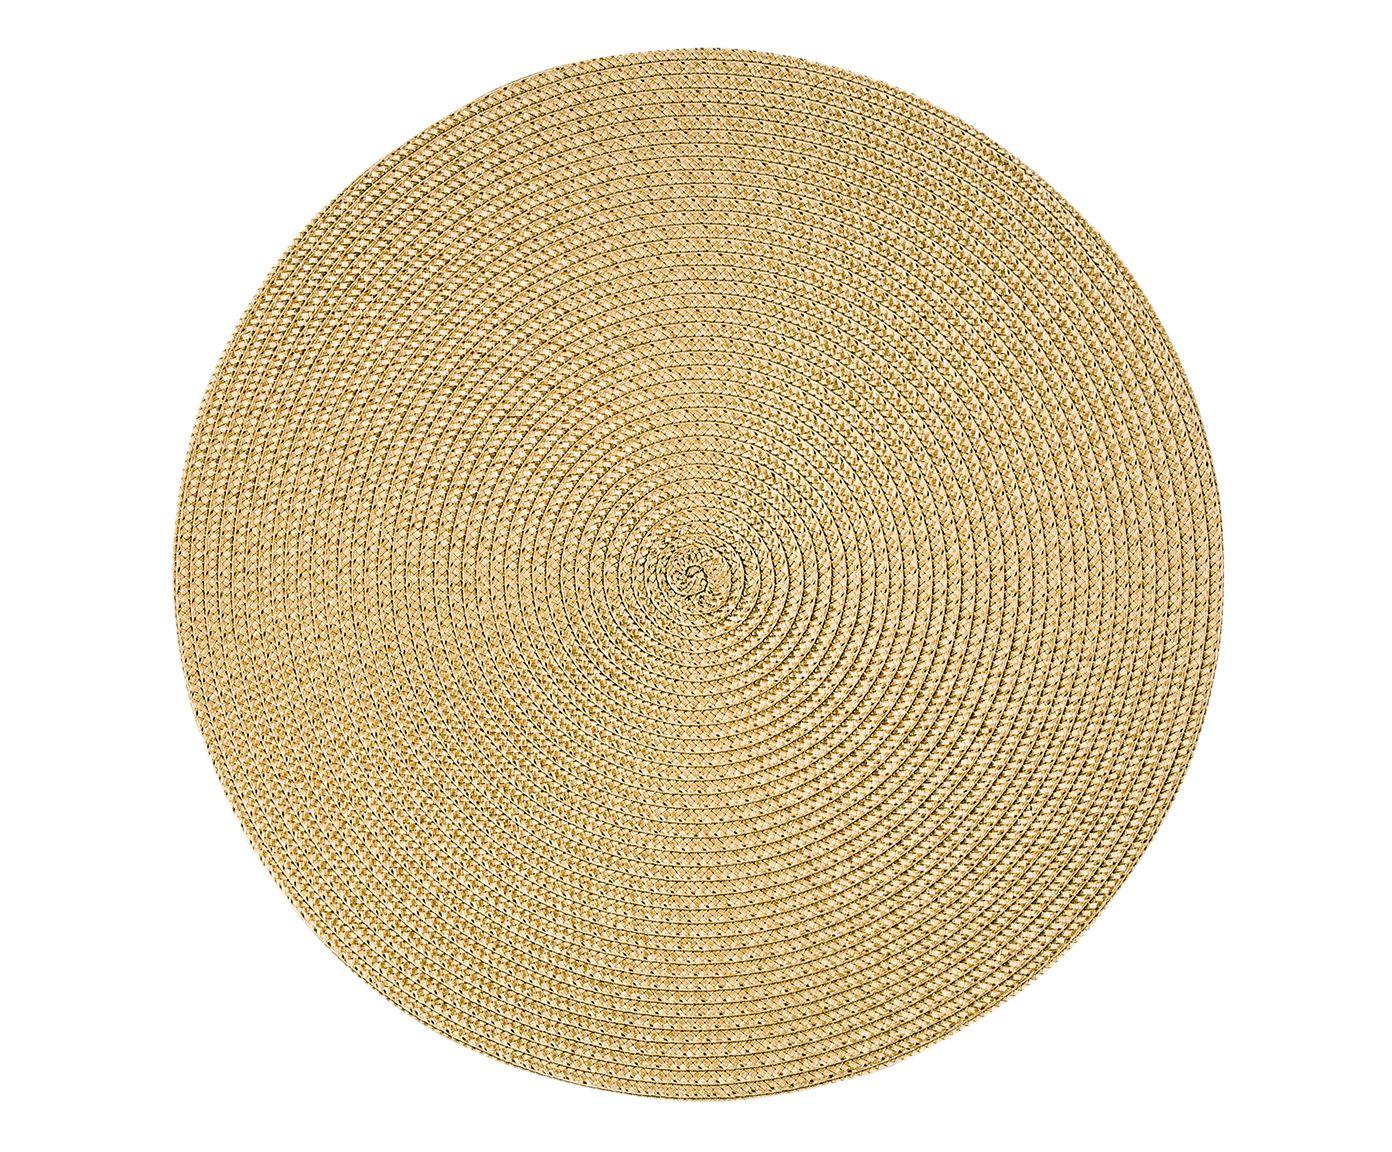 Lugar Americano Luna Sun - 38,5cm | Westwing.com.br